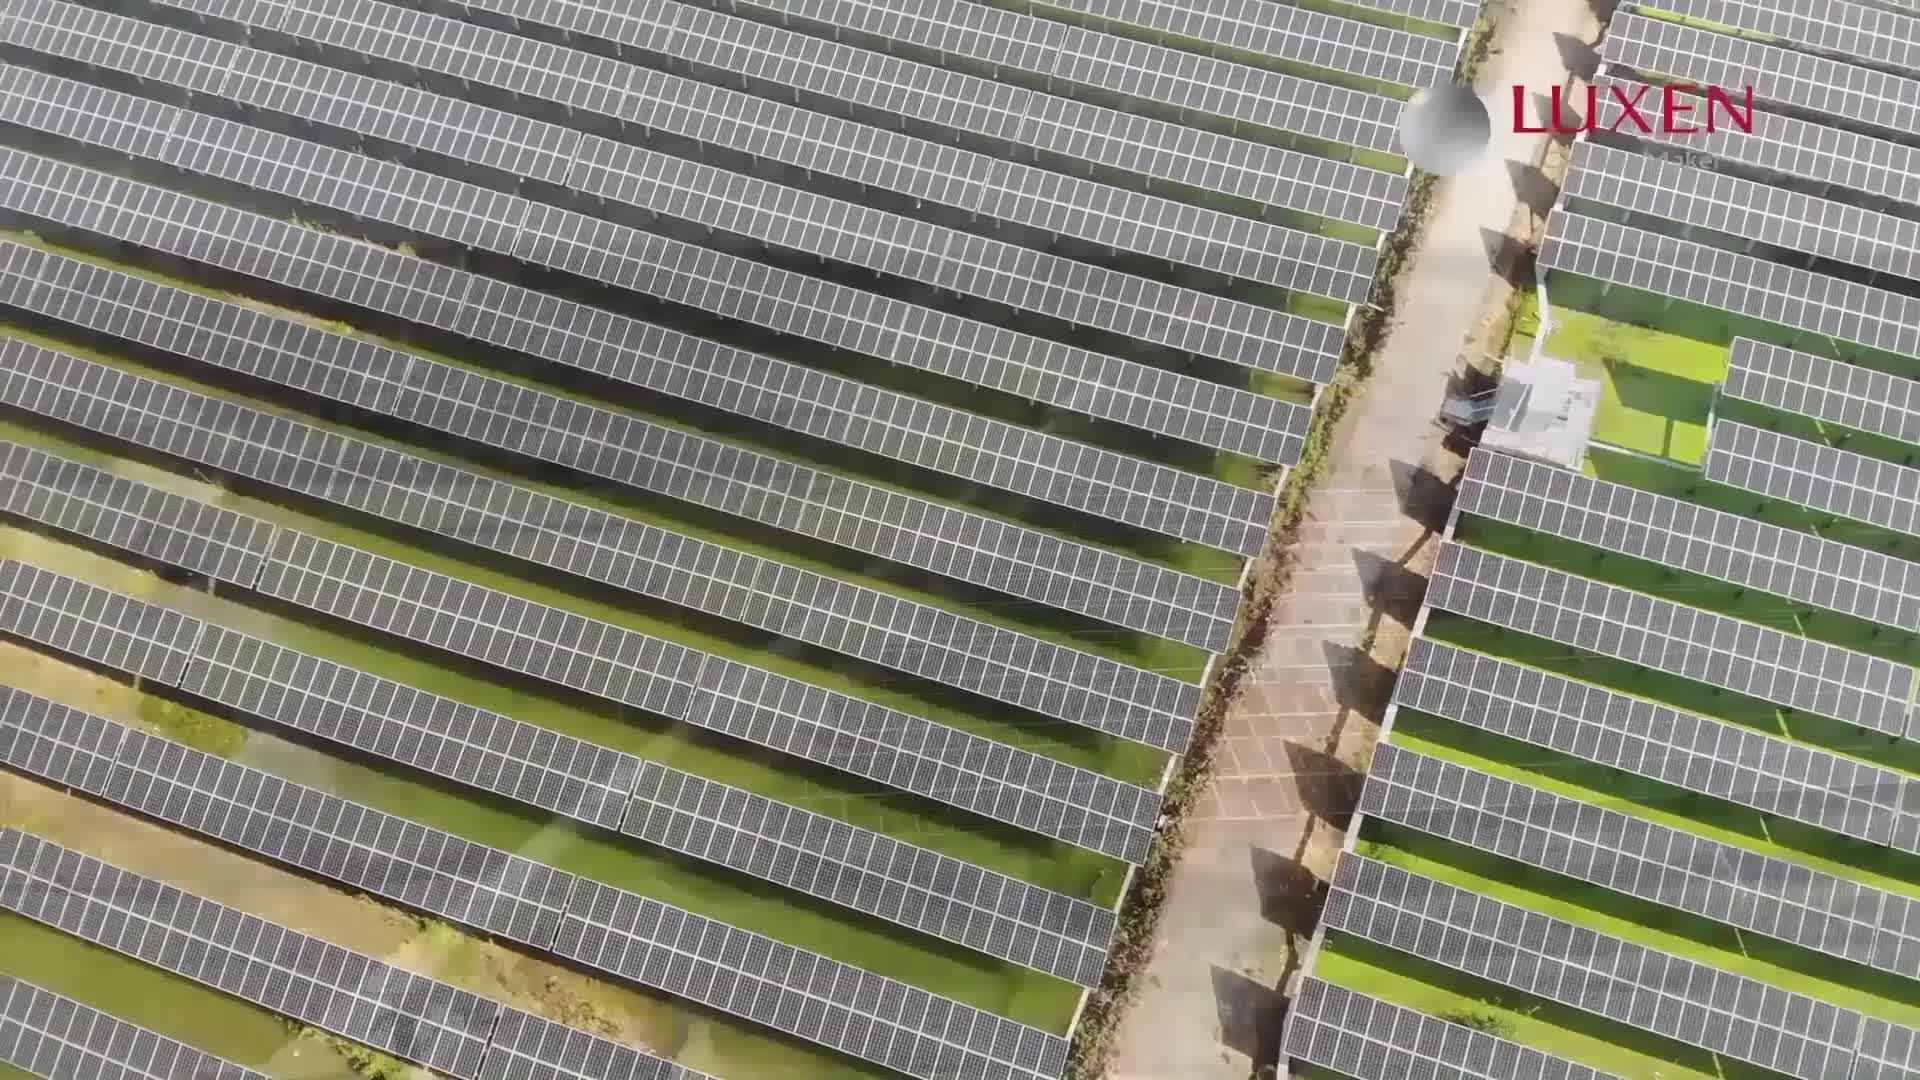 Low  PID 60 cells 275 watt poly solar module